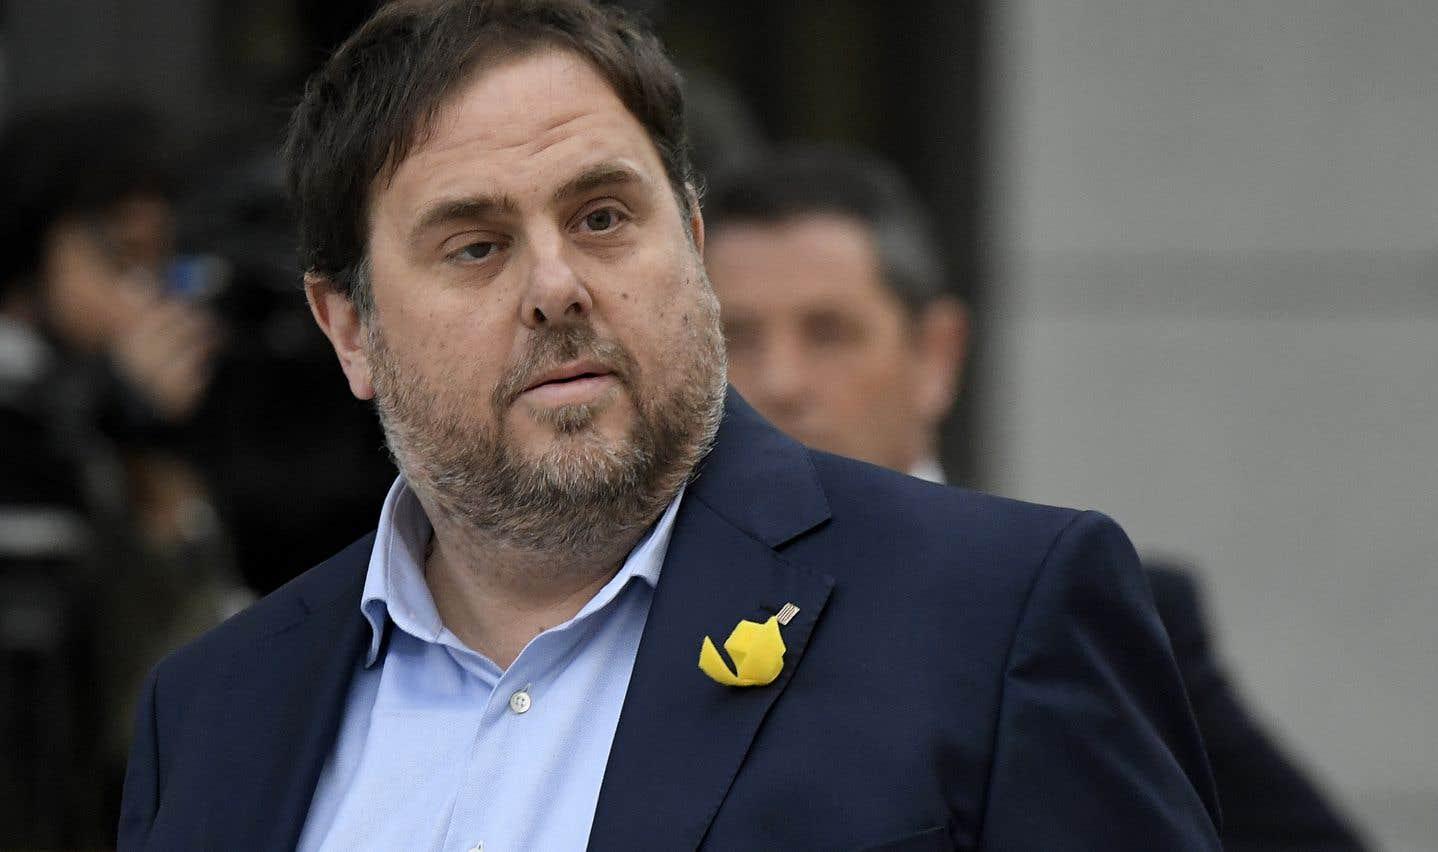 L'ex-vice-président indépendantiste de la Catalogne, Oriol Junqueras